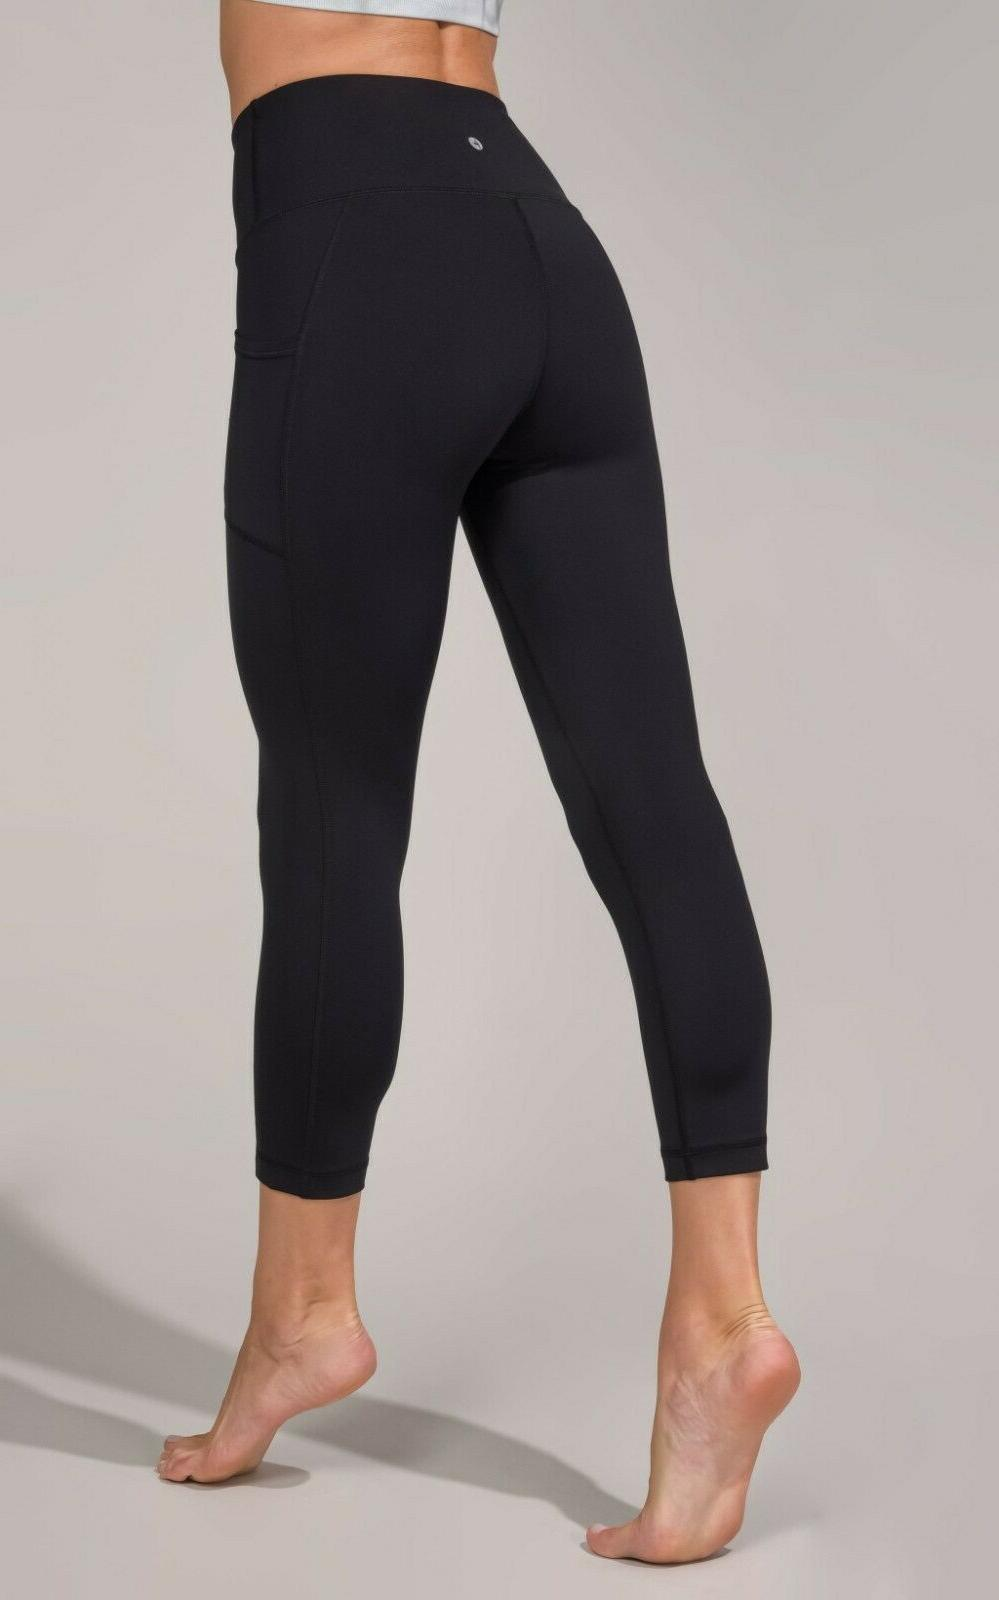 NEW 90 Reflex High Waist Pocket Pants